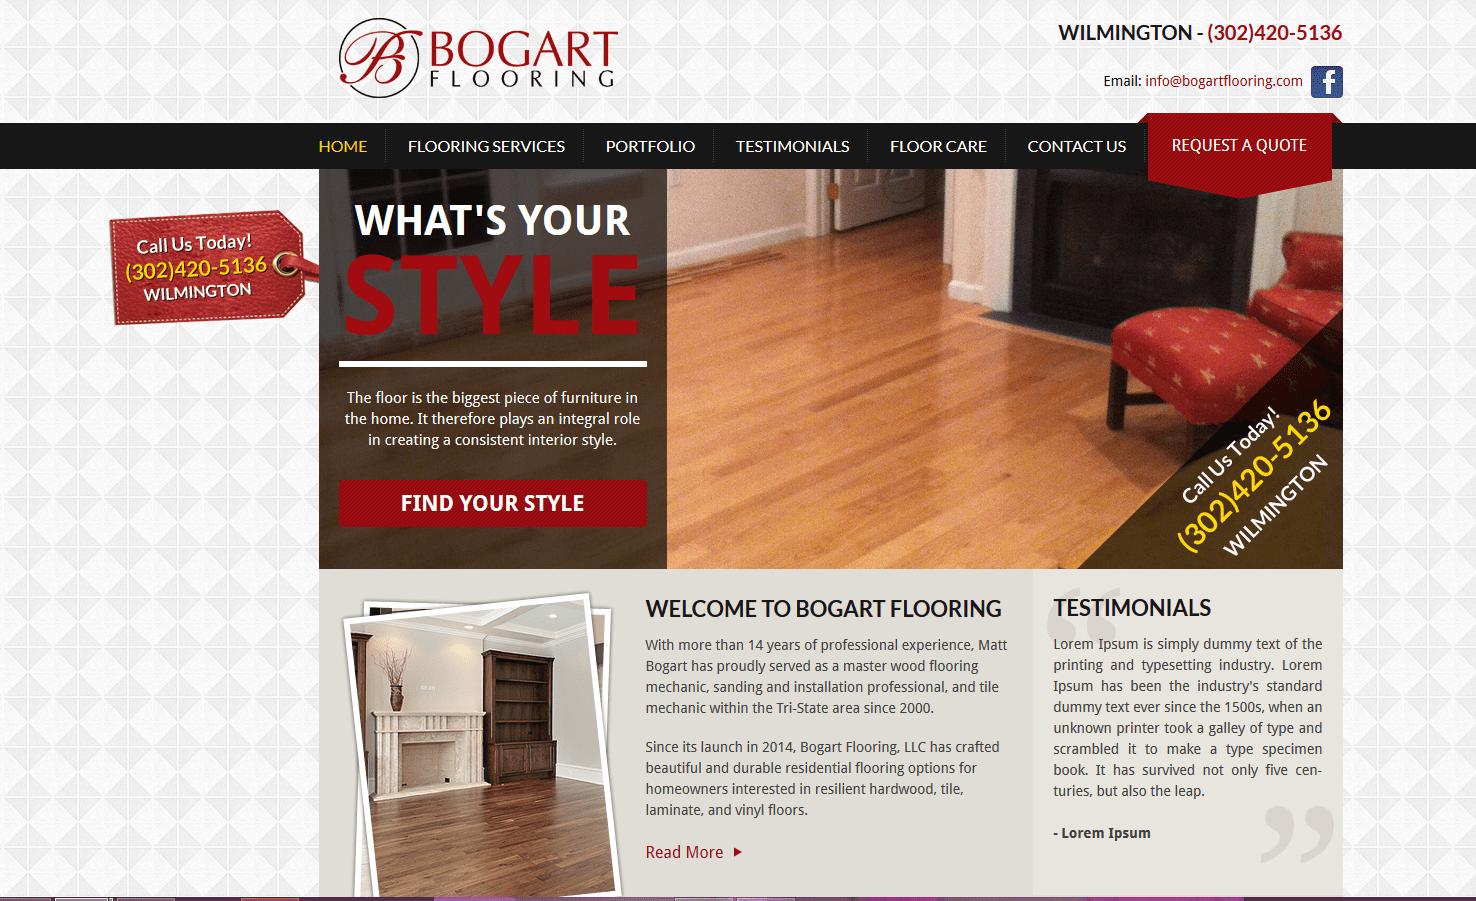 Bogart Flooring